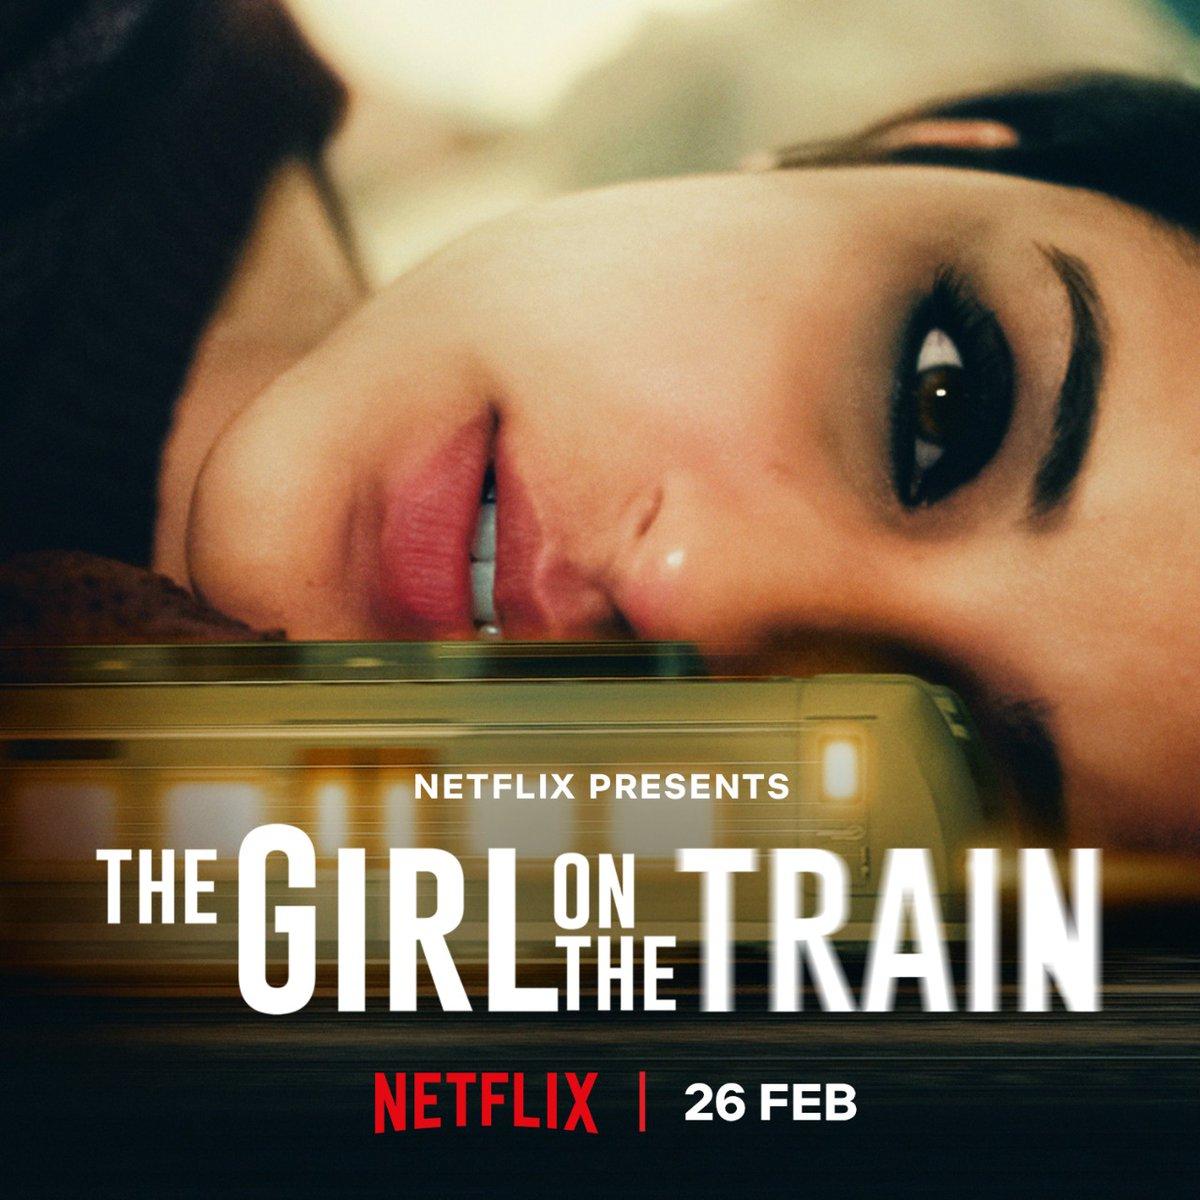 •THE GIRL ON THE TRAIN• 😁🙏   26th Feb, only on Netflix.  @aditiraohydari @IamKirtiKulhari @avinashtiw85 @tota_rc @SHAMAUN @ribhudasgupta @Shibasishsarkar @RelianceEnt @amblin @ZeeMusicCompany @NetflixIndia